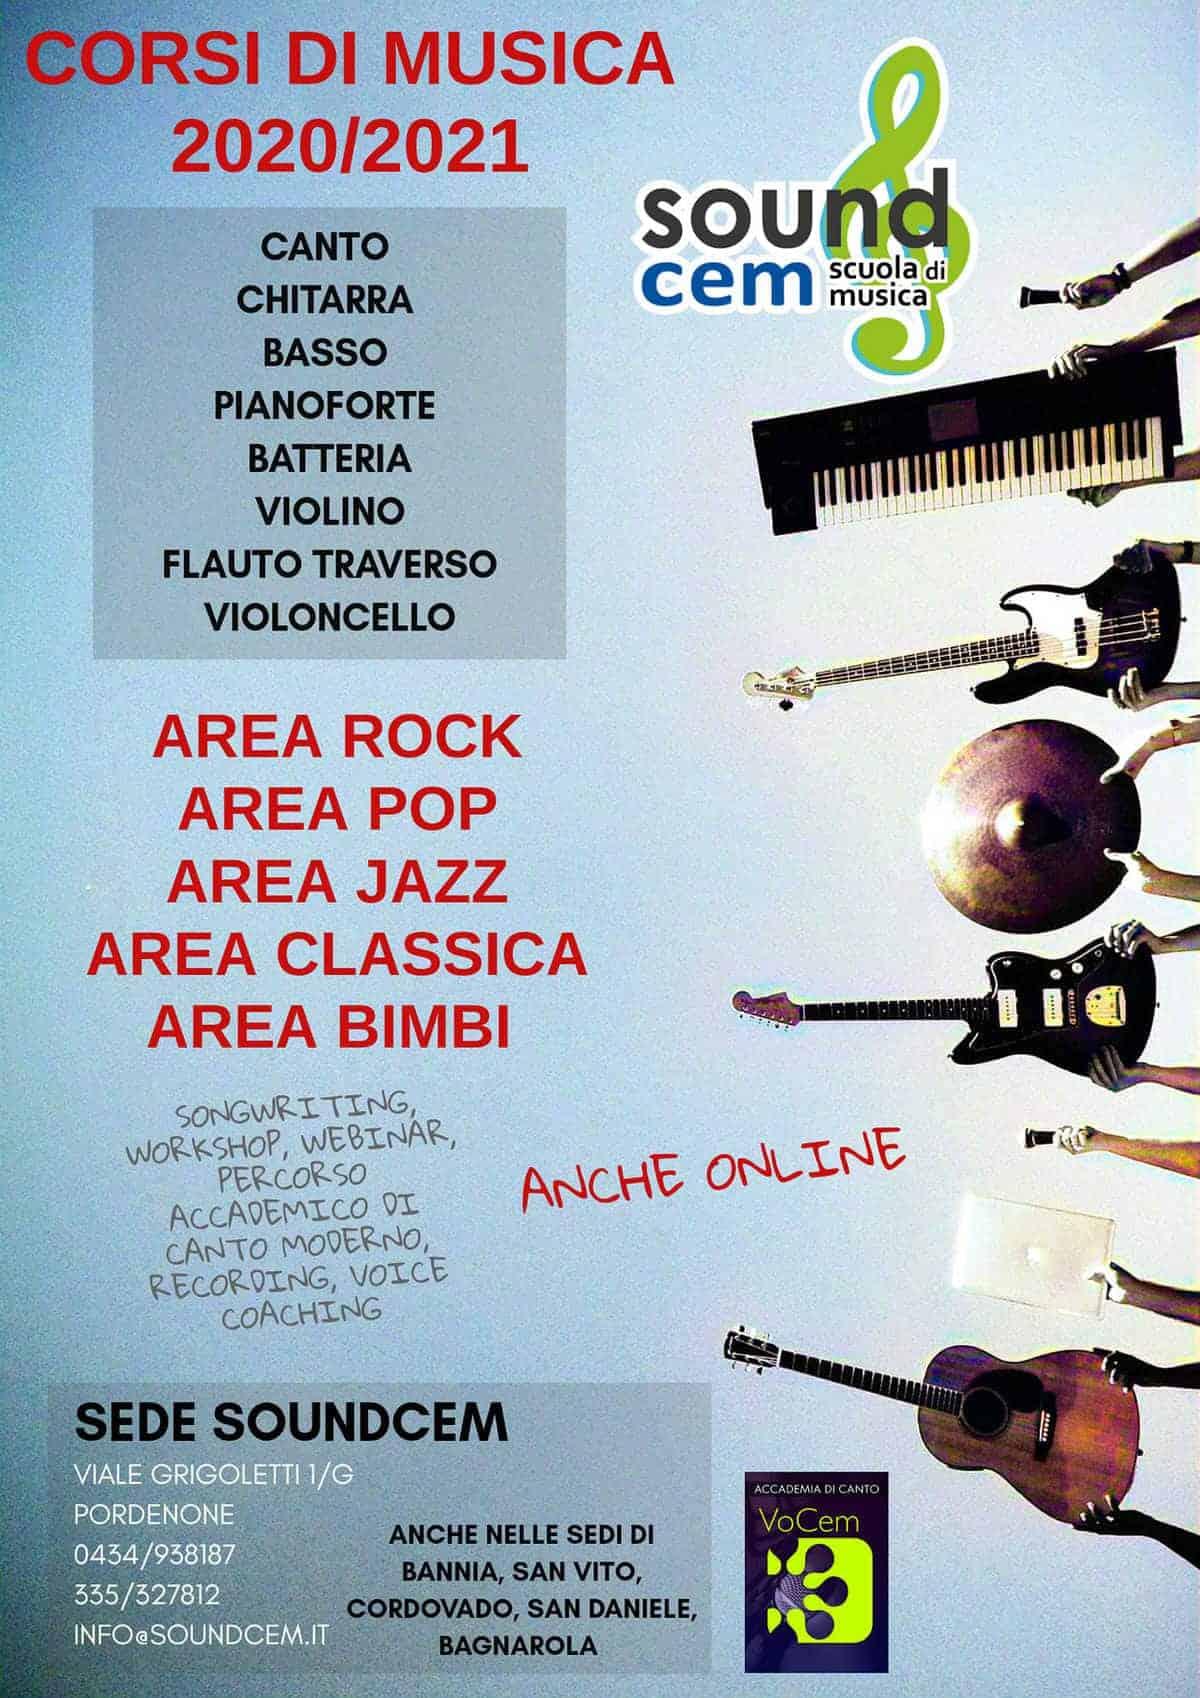 CORSI DI MUSICA PORDENONE 2020/2021